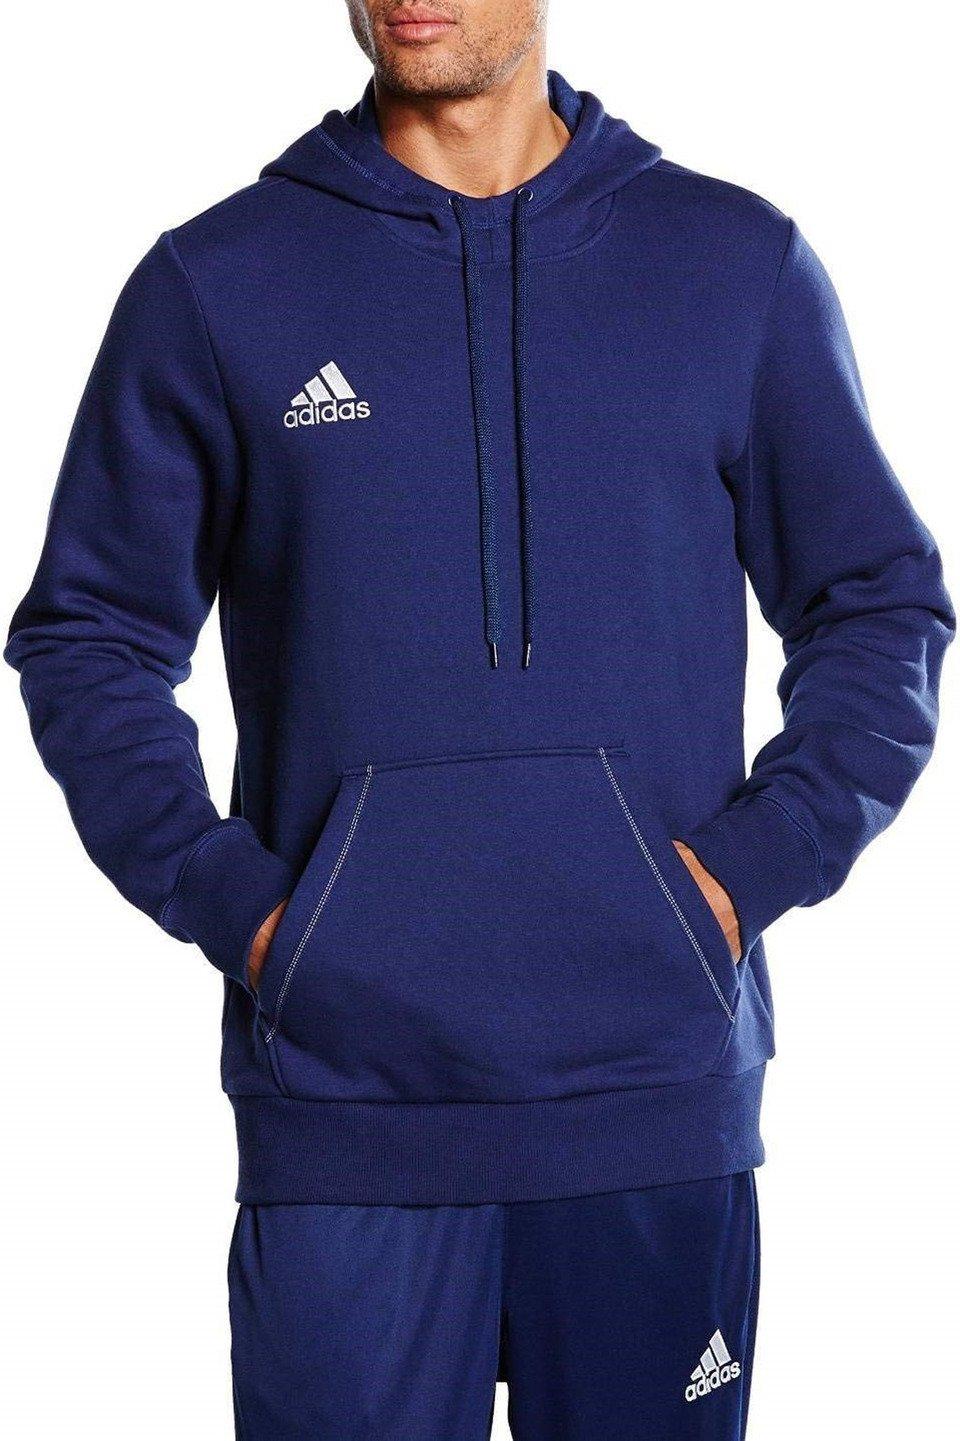 Adidas Core 15 Hoodie in Navy